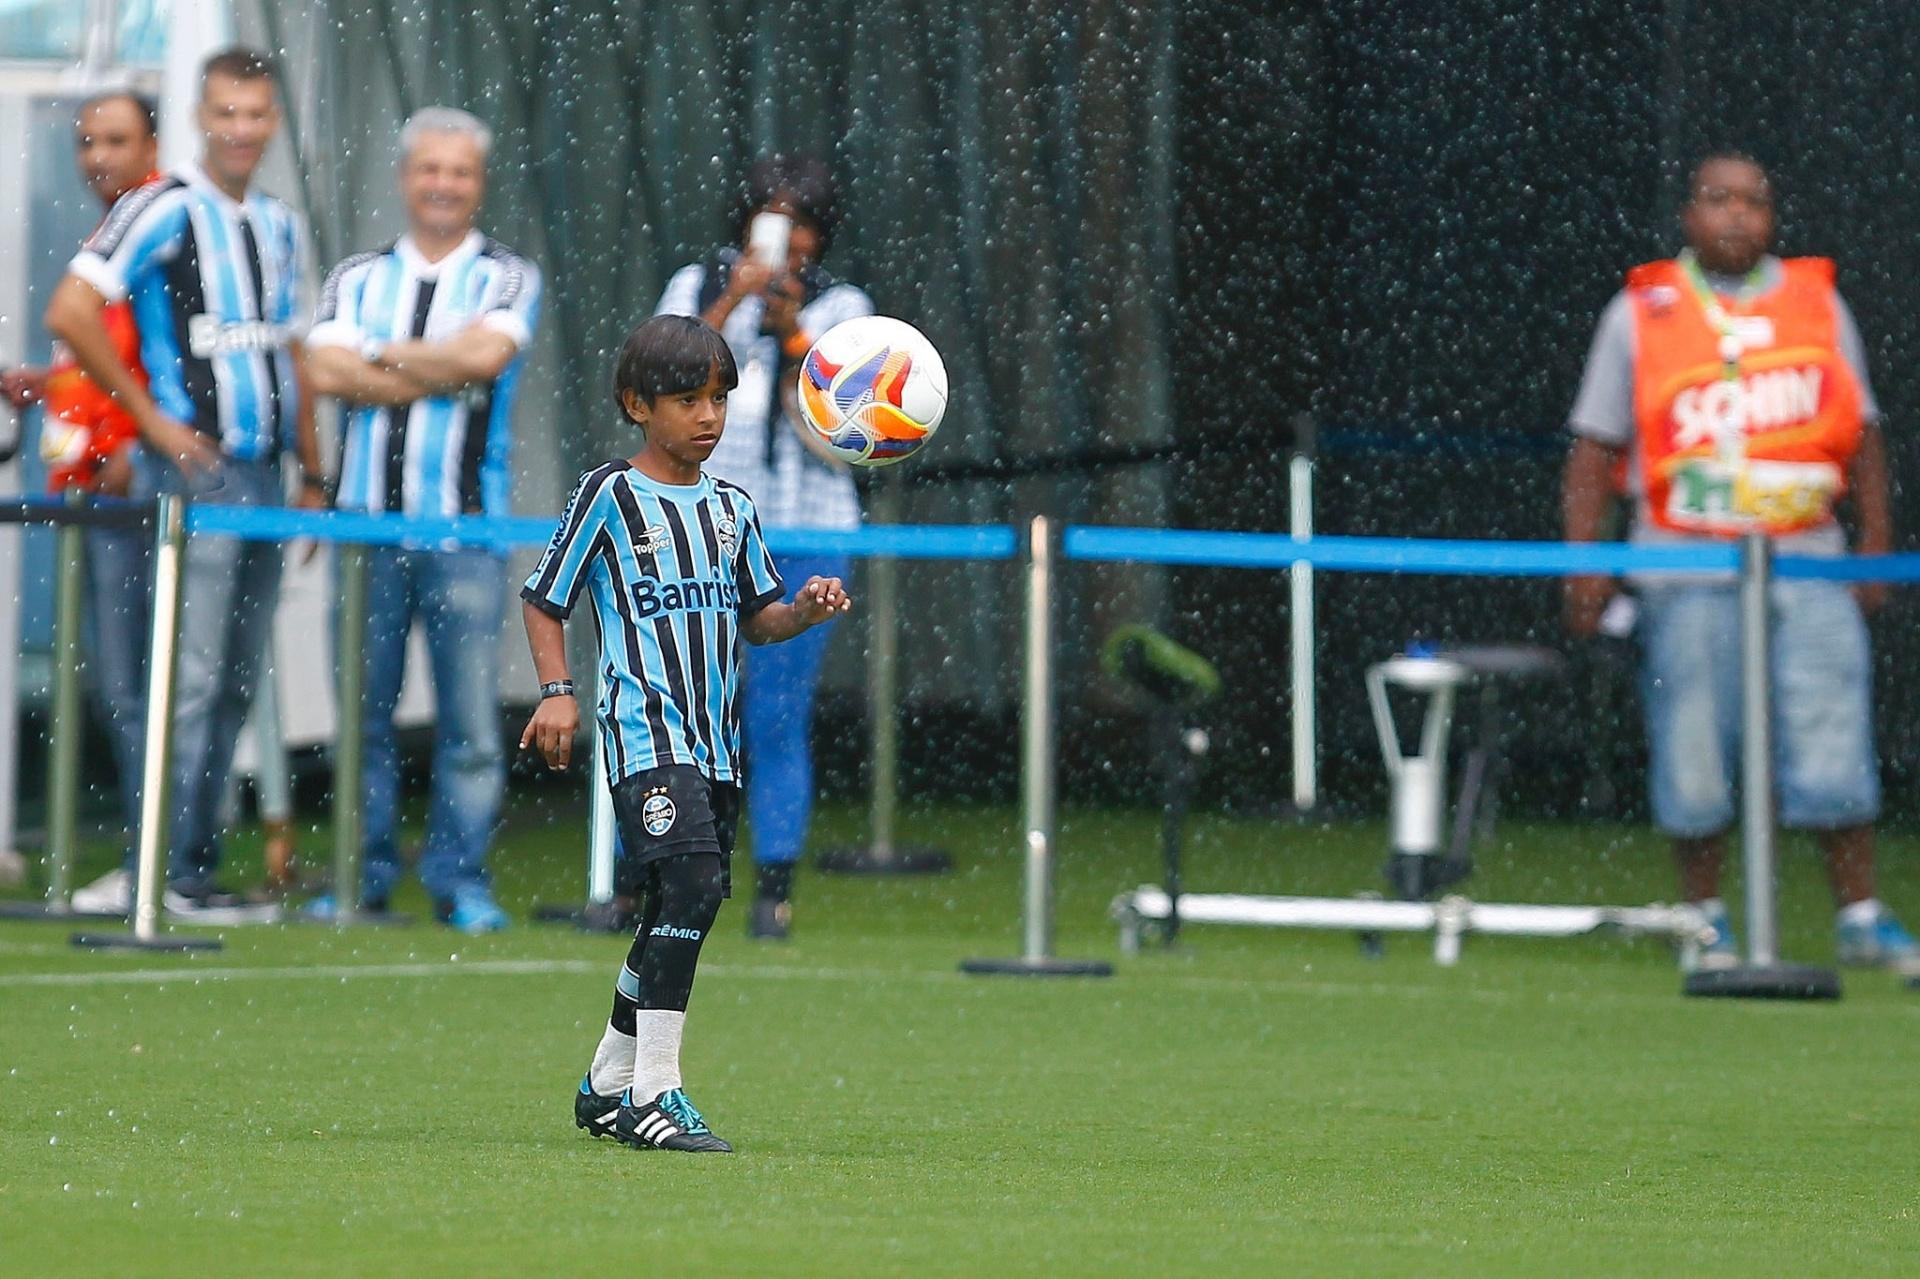 23ee2001a1 Empresário diz que Barcelona não tem interesse em sub-12 do Grêmio -  15 03 2017 - UOL Esporte